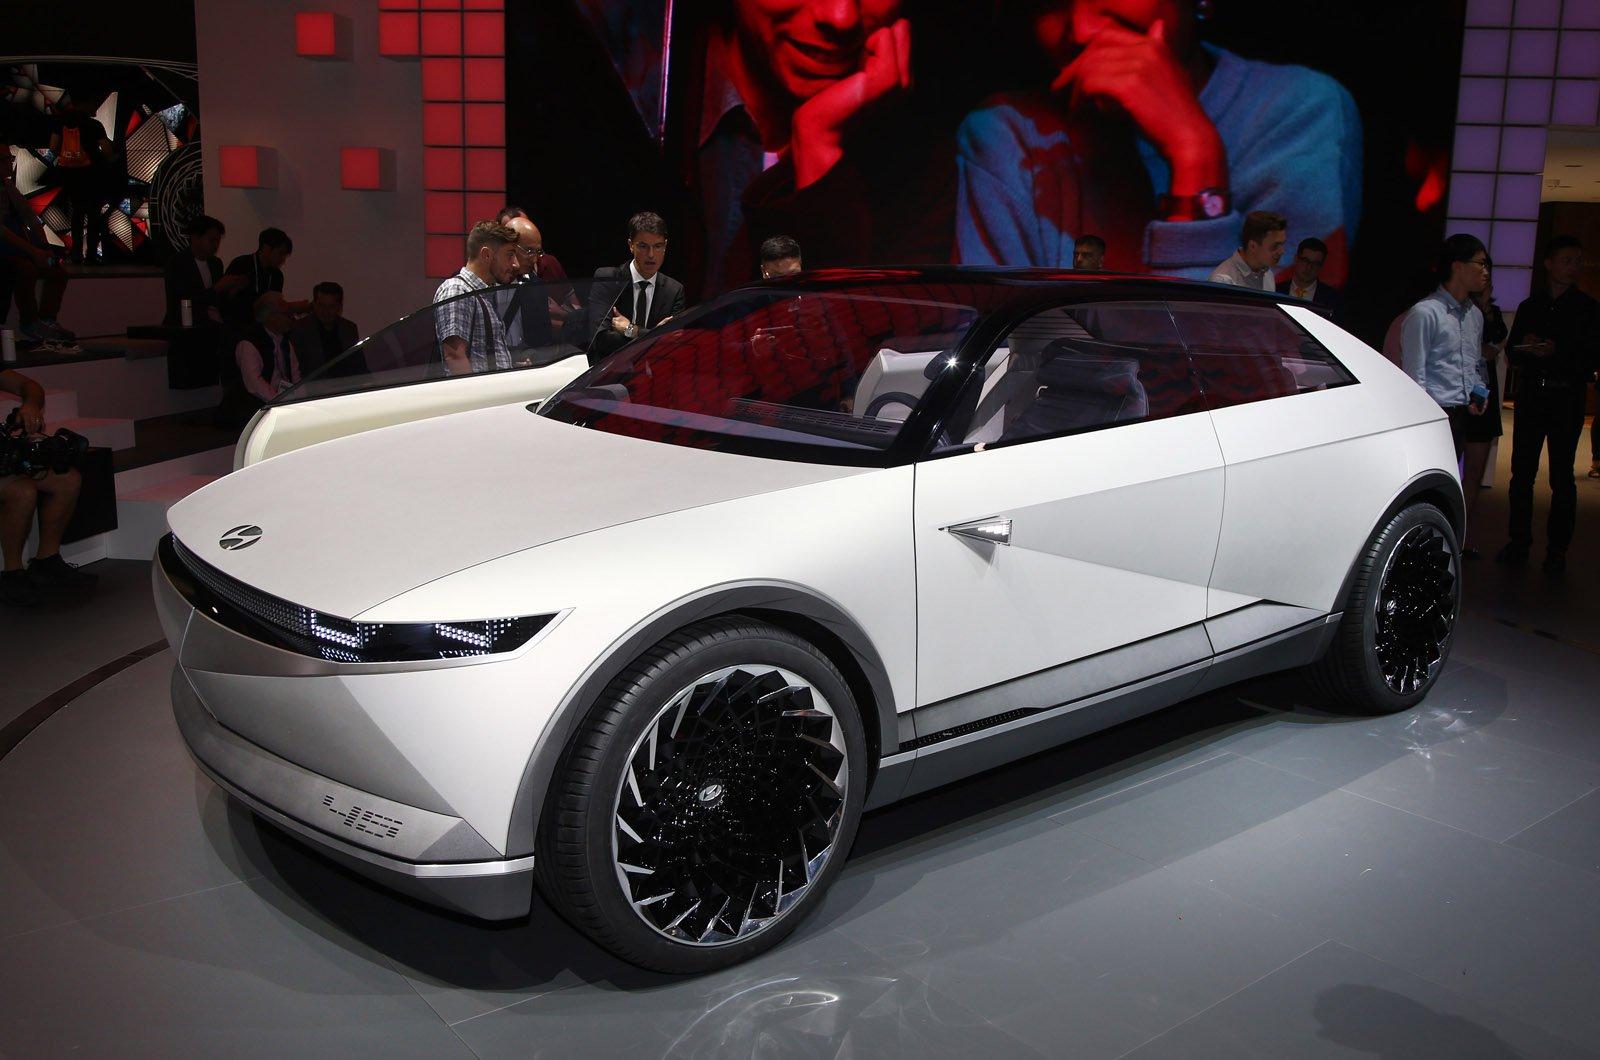 2021 Ioniq 5 SUV: what we know so far | What Car?